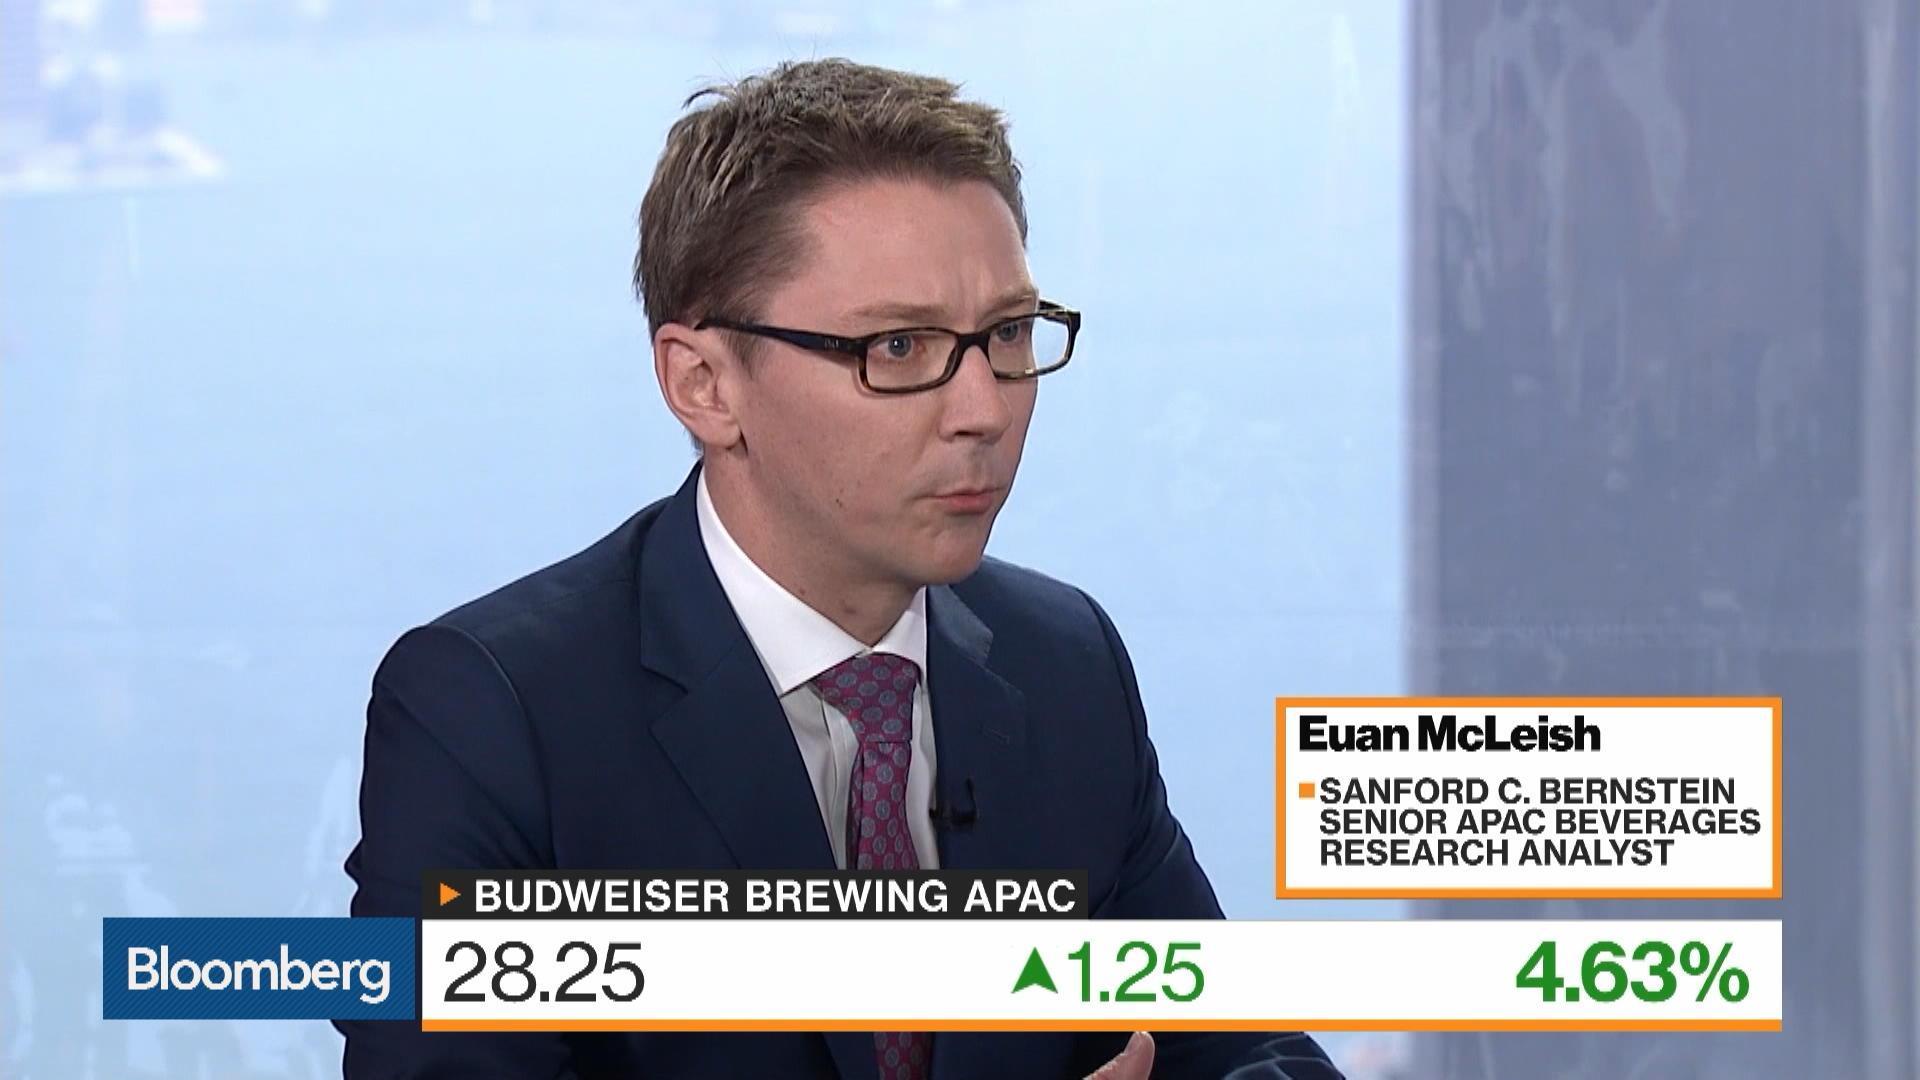 Euan McLeish on Anheuser-Busch InBev NV Asian Unit Budweiser Brewing